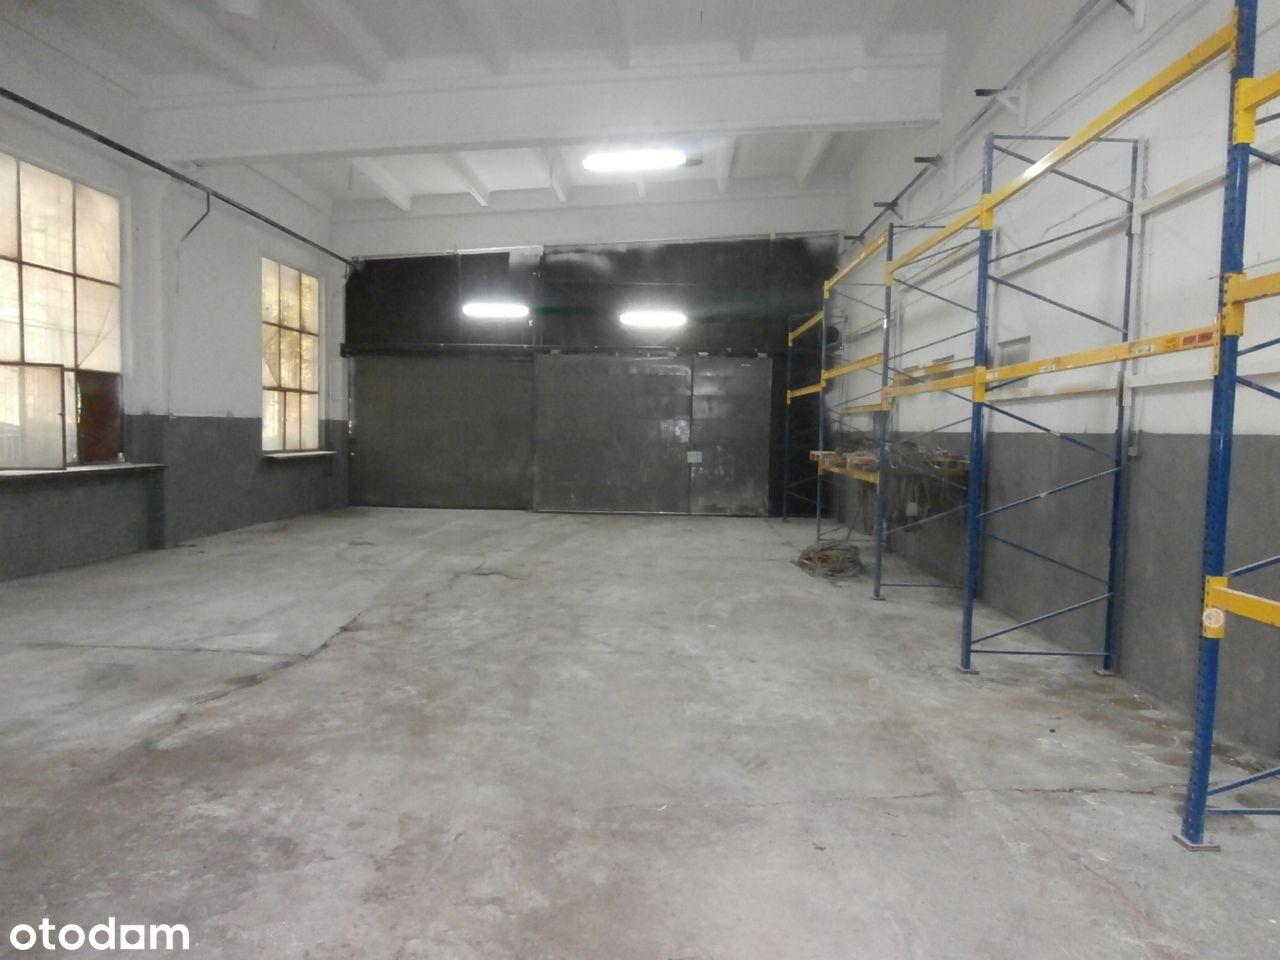 Pomieszczenie magazynowo-produkcyjne 180 m2 (11.1)